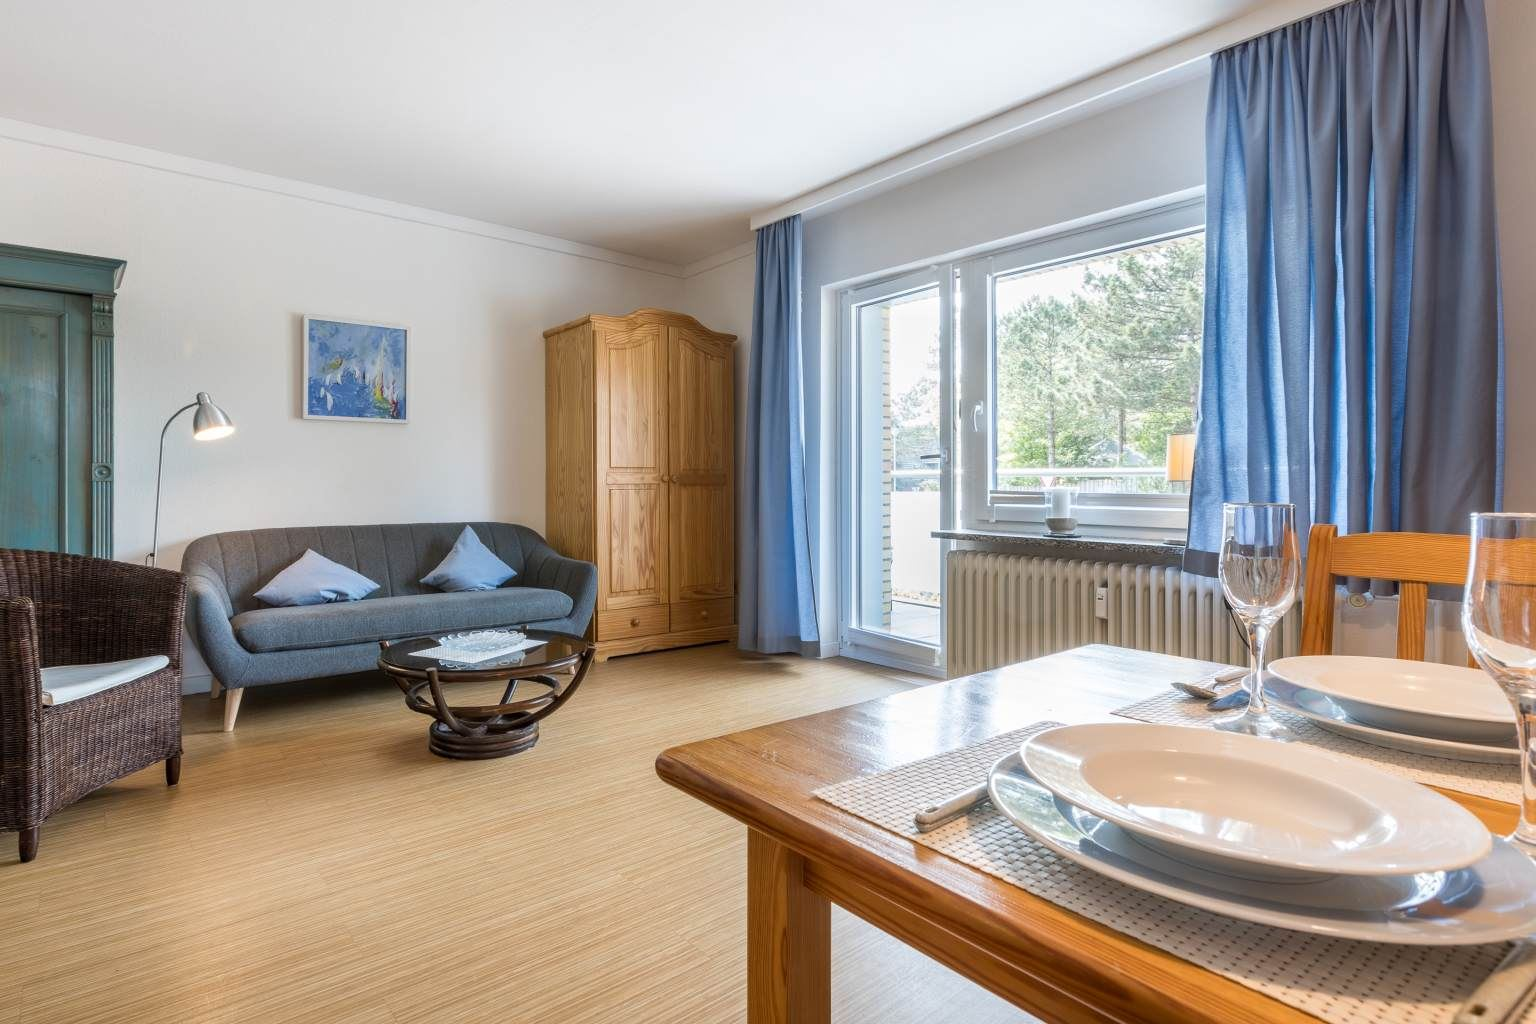 """Essbereich und Wohnzimmer - St Peter Ording Bad, Haus Colonia, Wohnung 1 """"Seestern"""", Im Bad 81"""